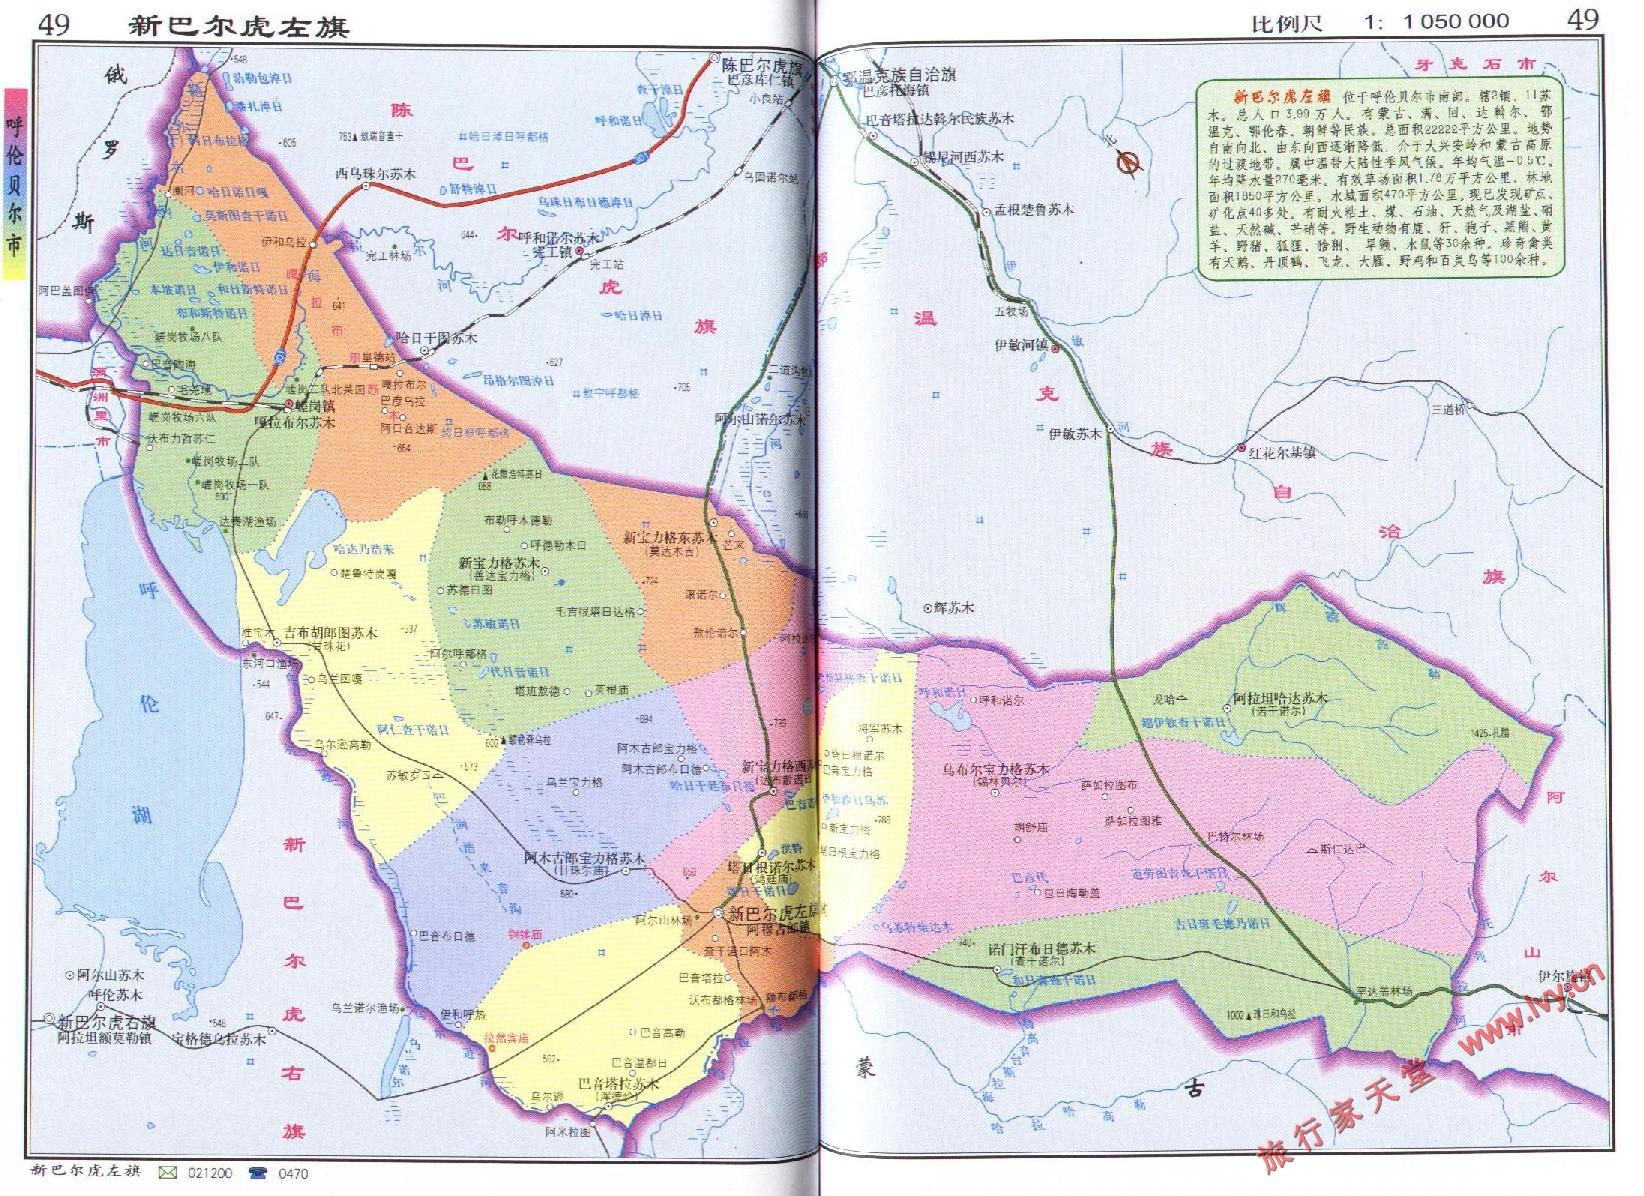 新巴尔虎左旗地图